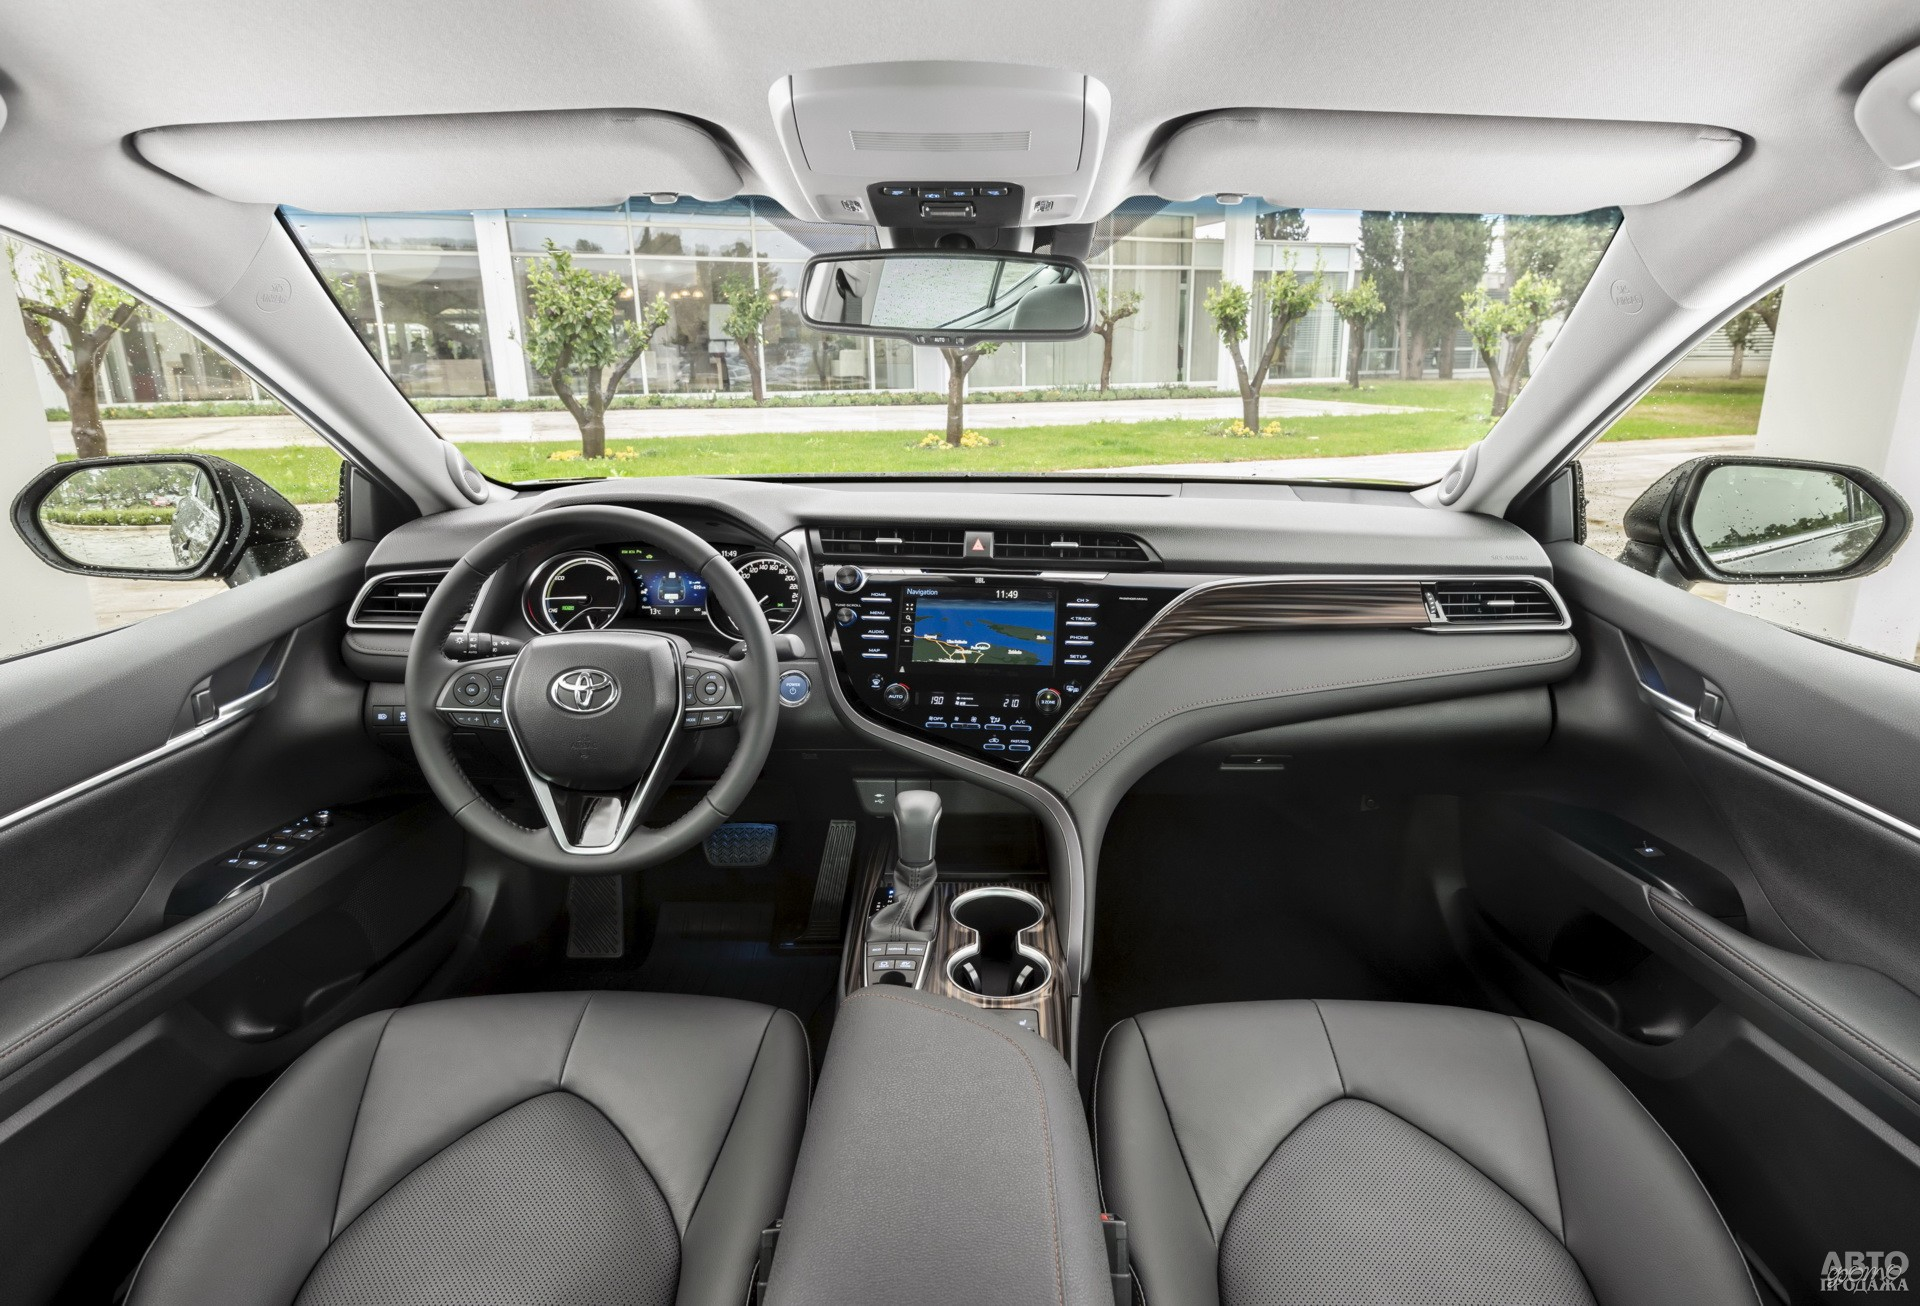 Центральная панель Toyota стала ассиметричной